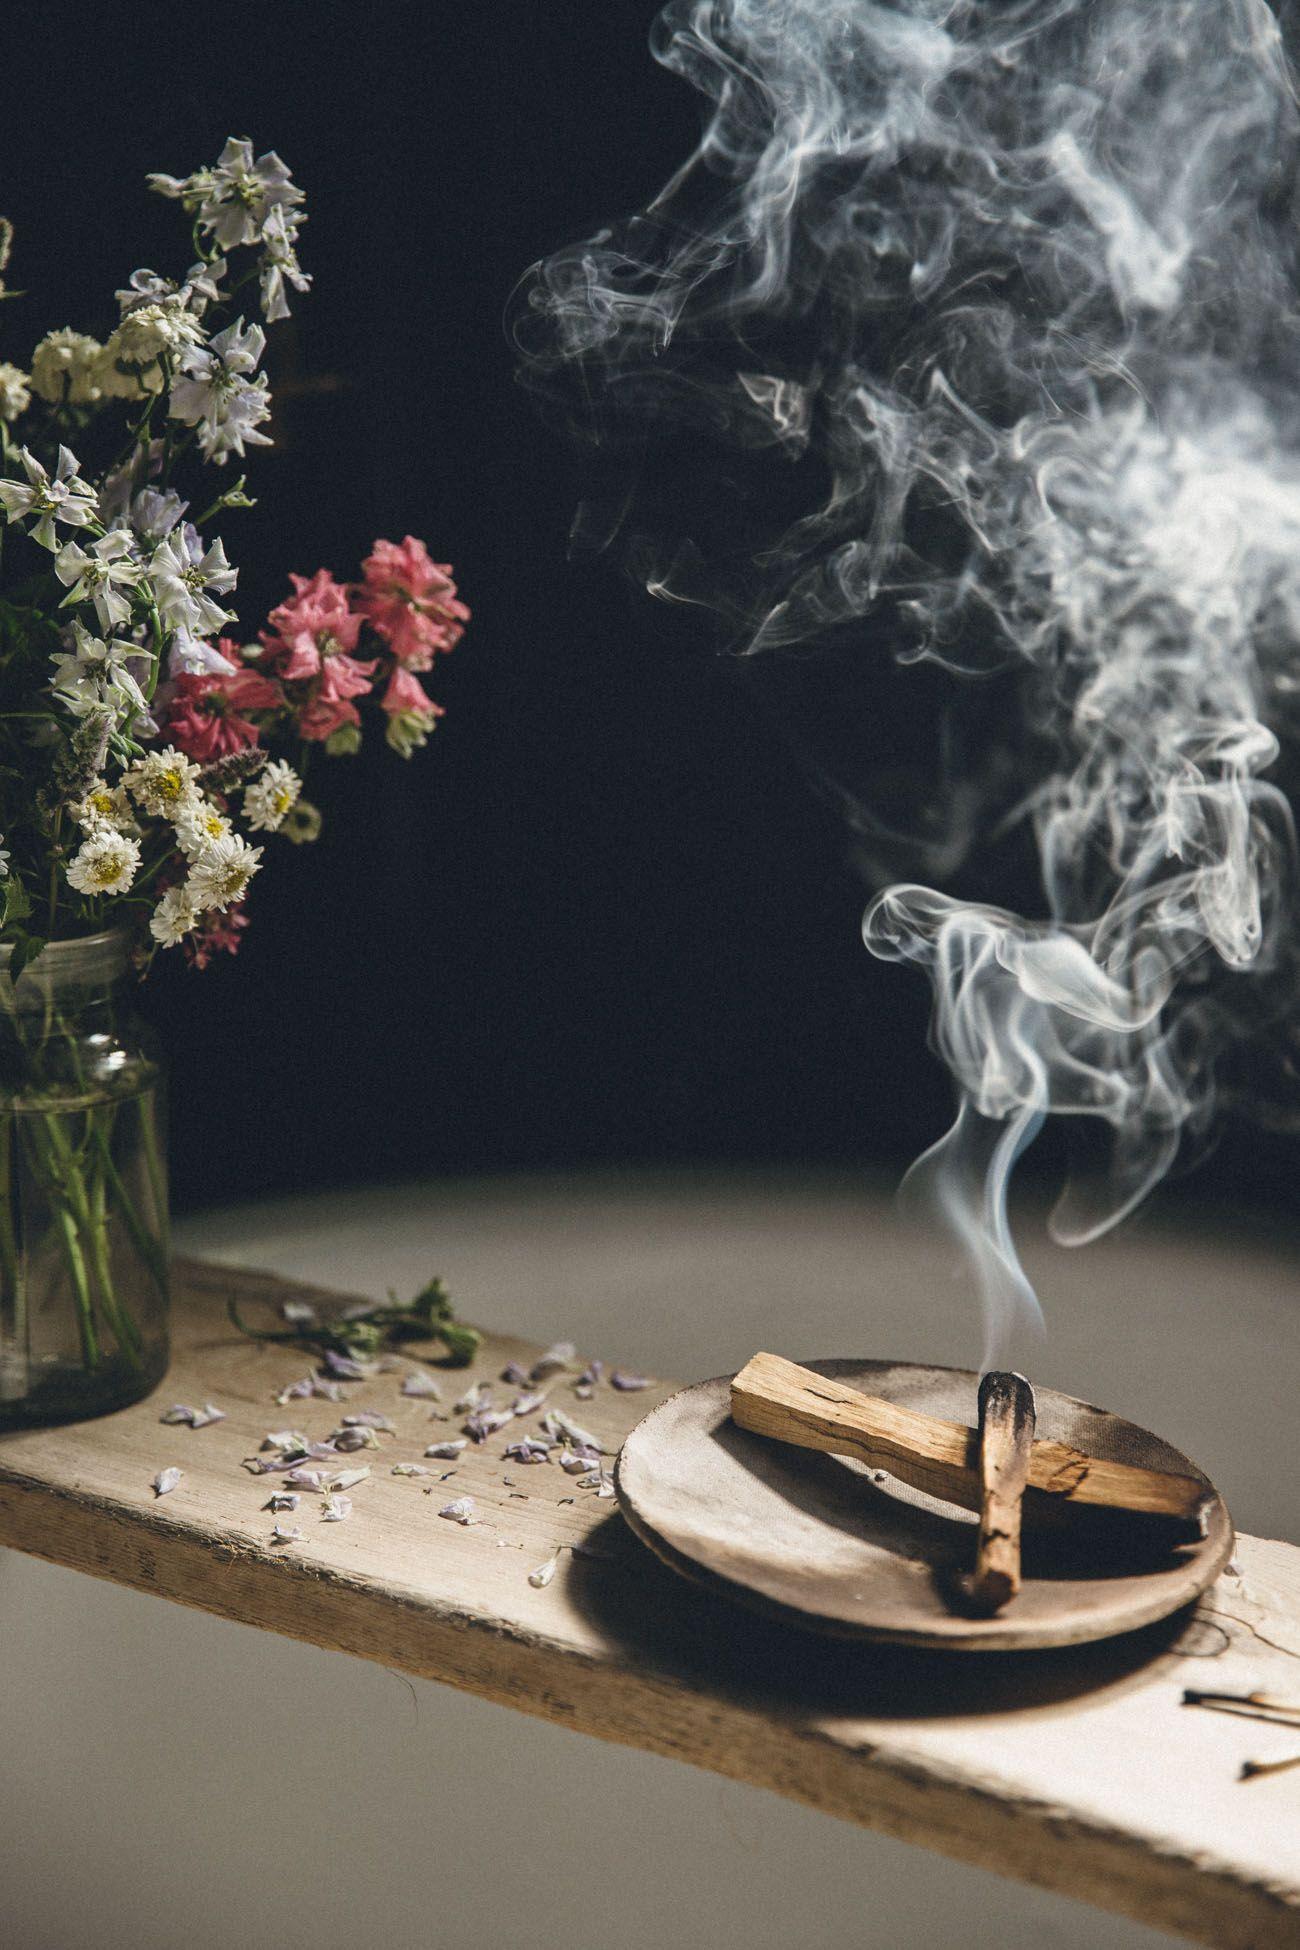 How to use palo santo palo santo a fragrant incense